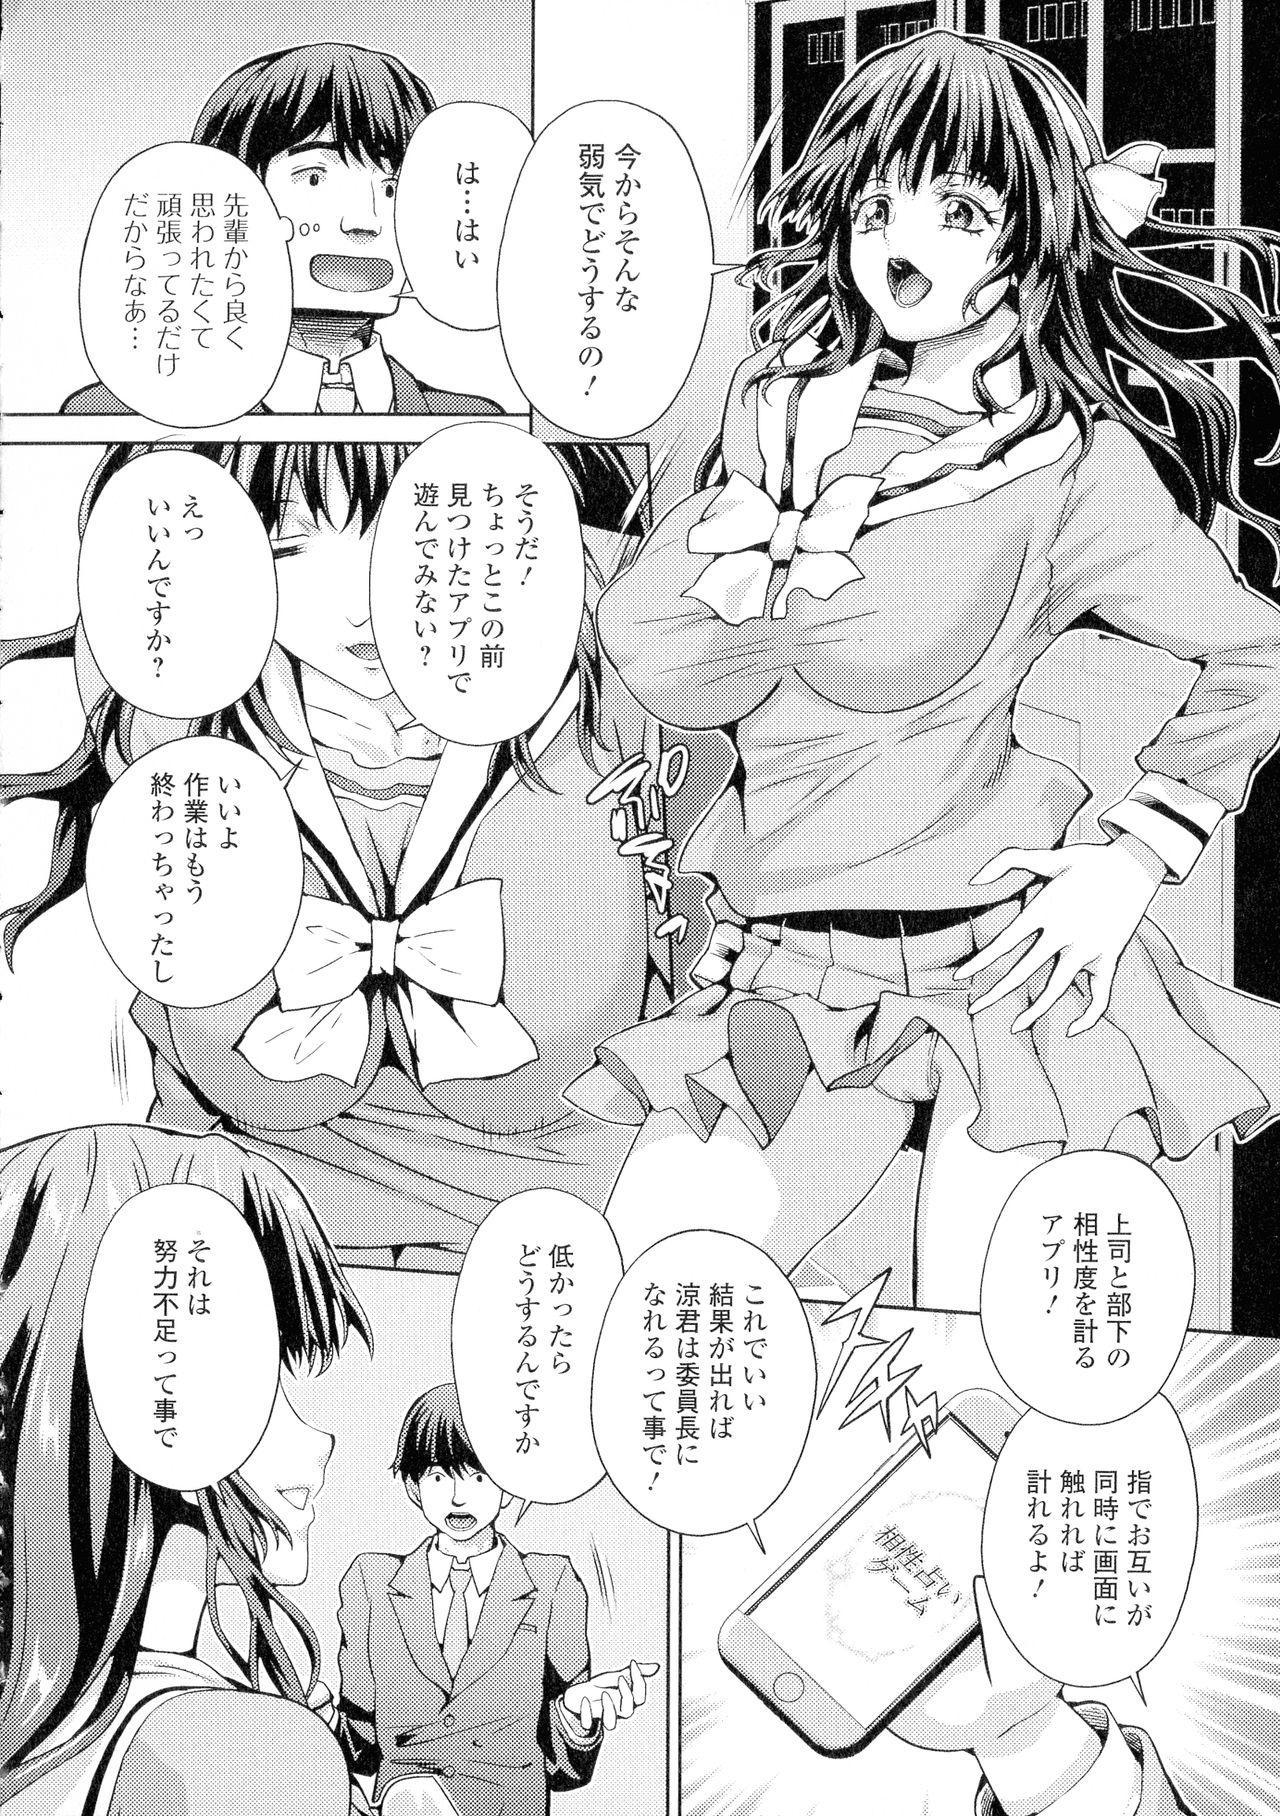 Futanari Tsunagari - Androgynos Sexual intercourse 114